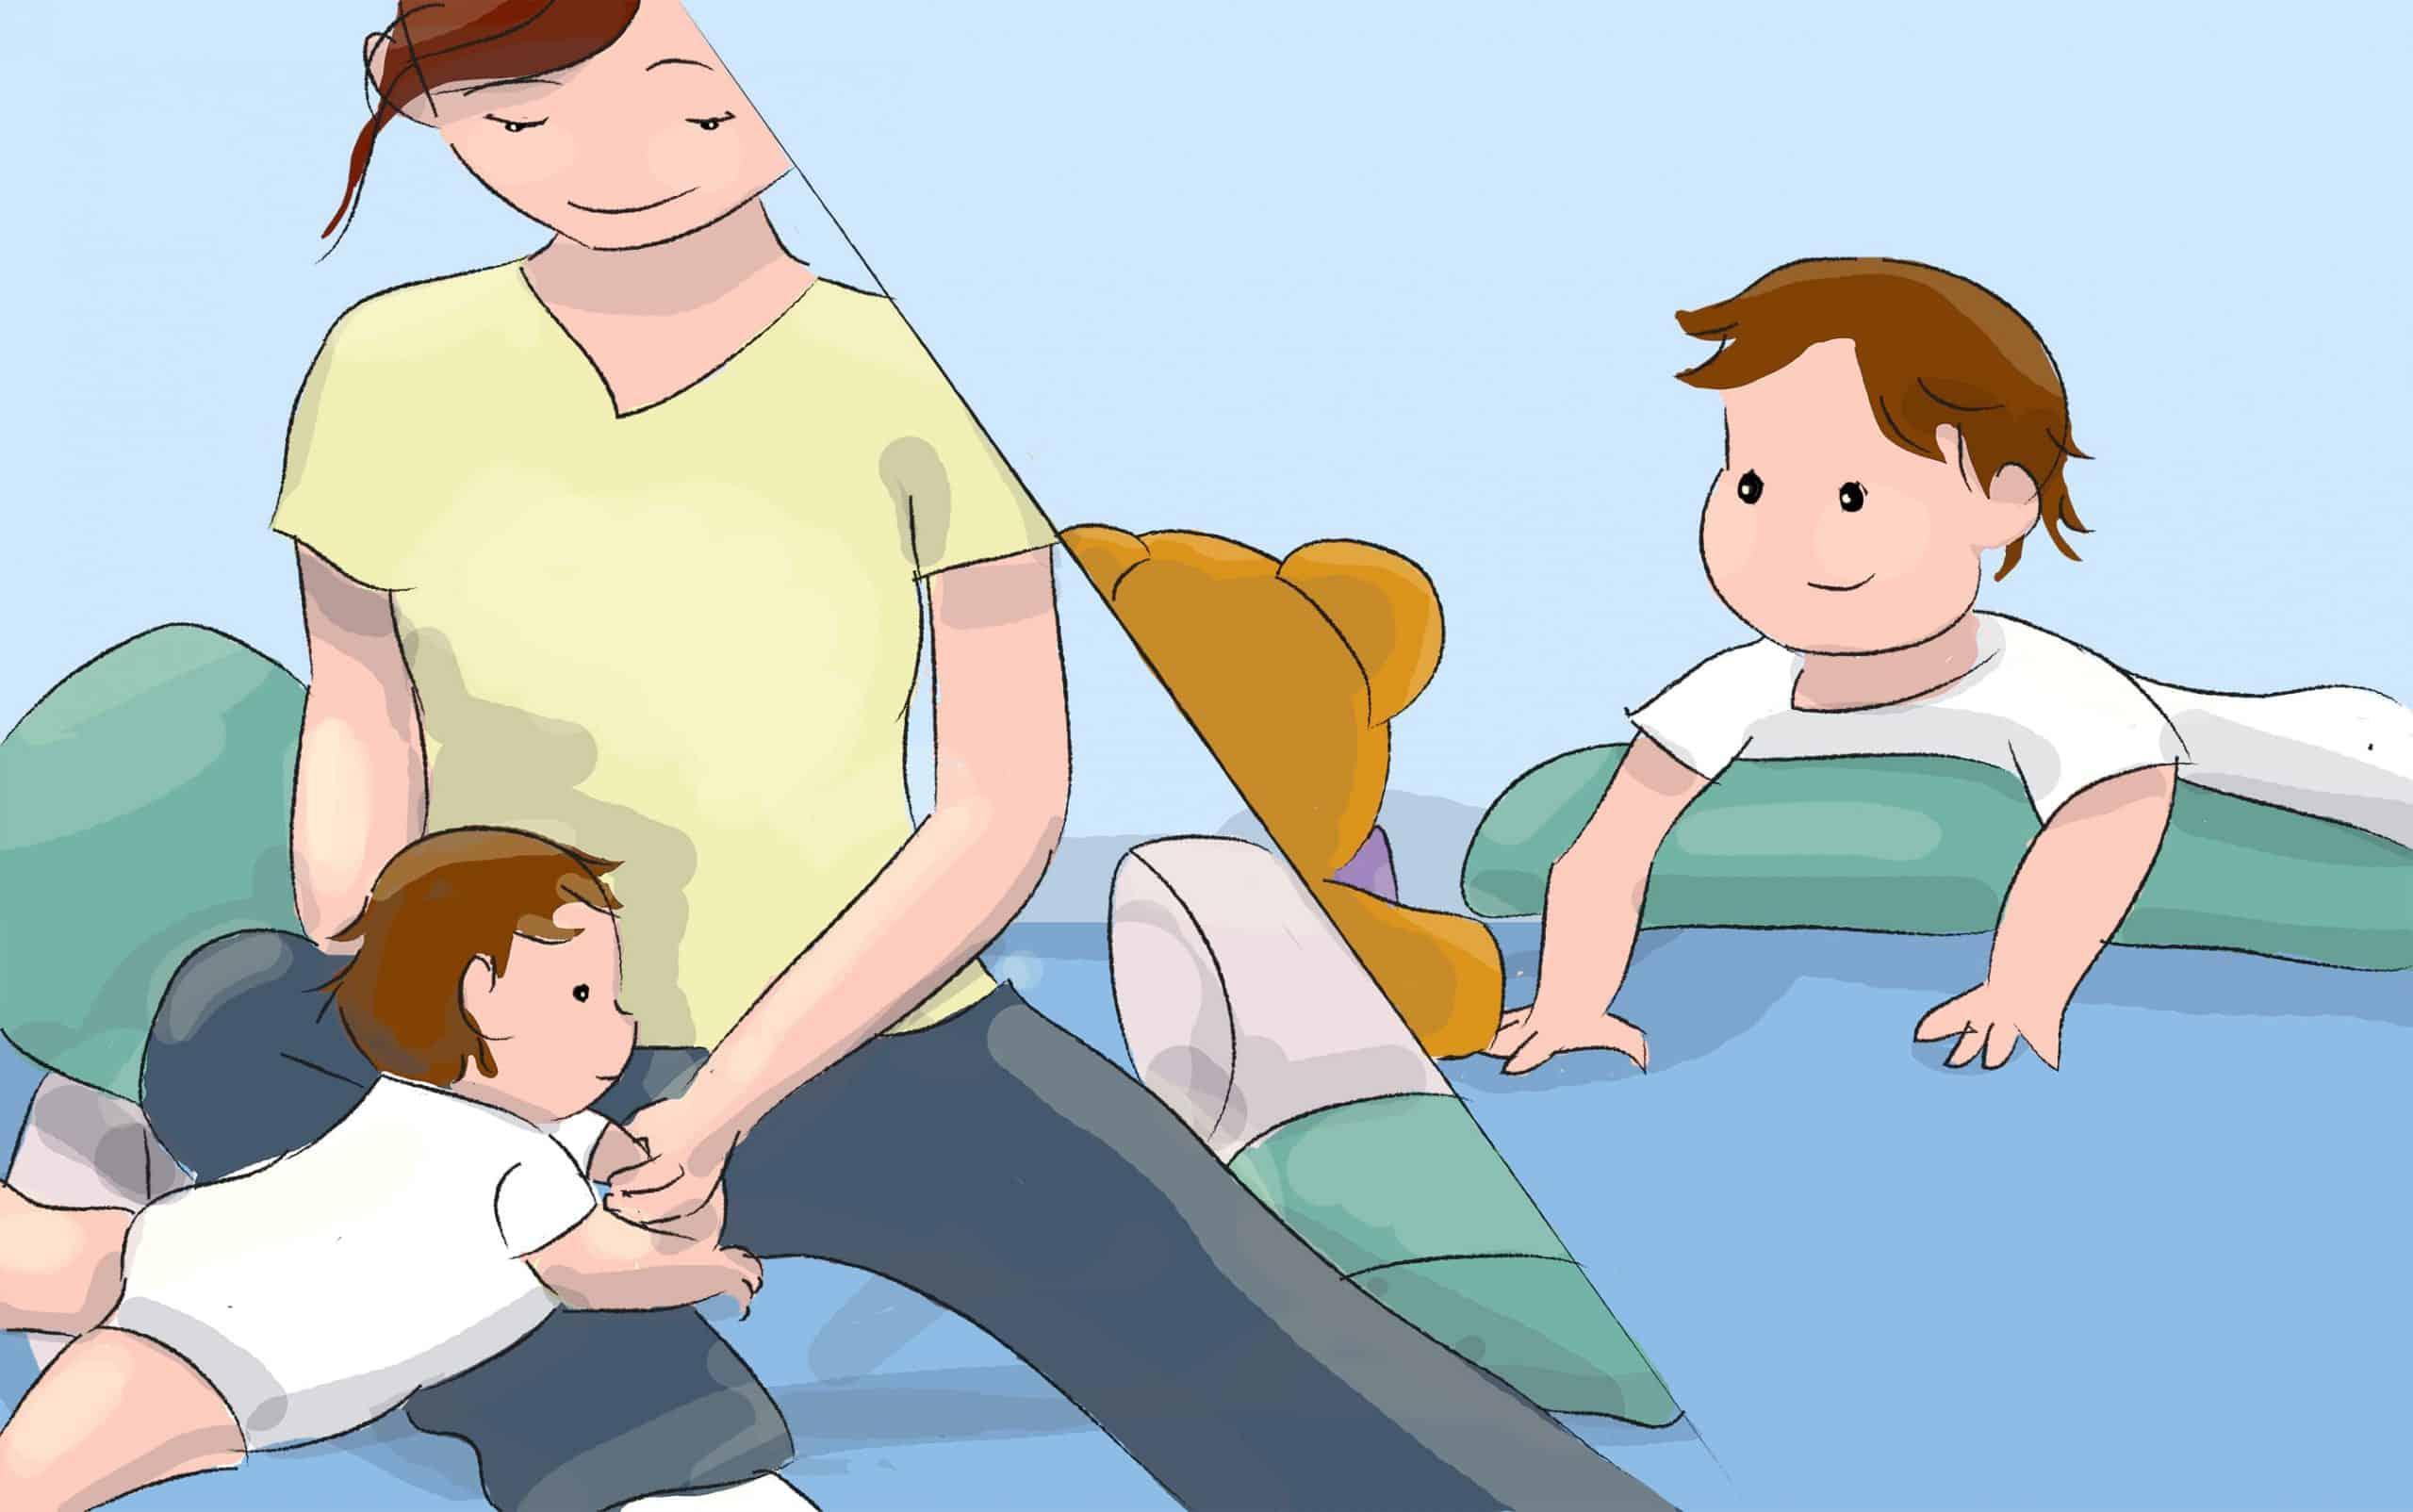 השכיבו את התינוק על הבטן כשהוא מונח על החזה שלכם או על מזרון שמתחתיו מונח קלסר גדול